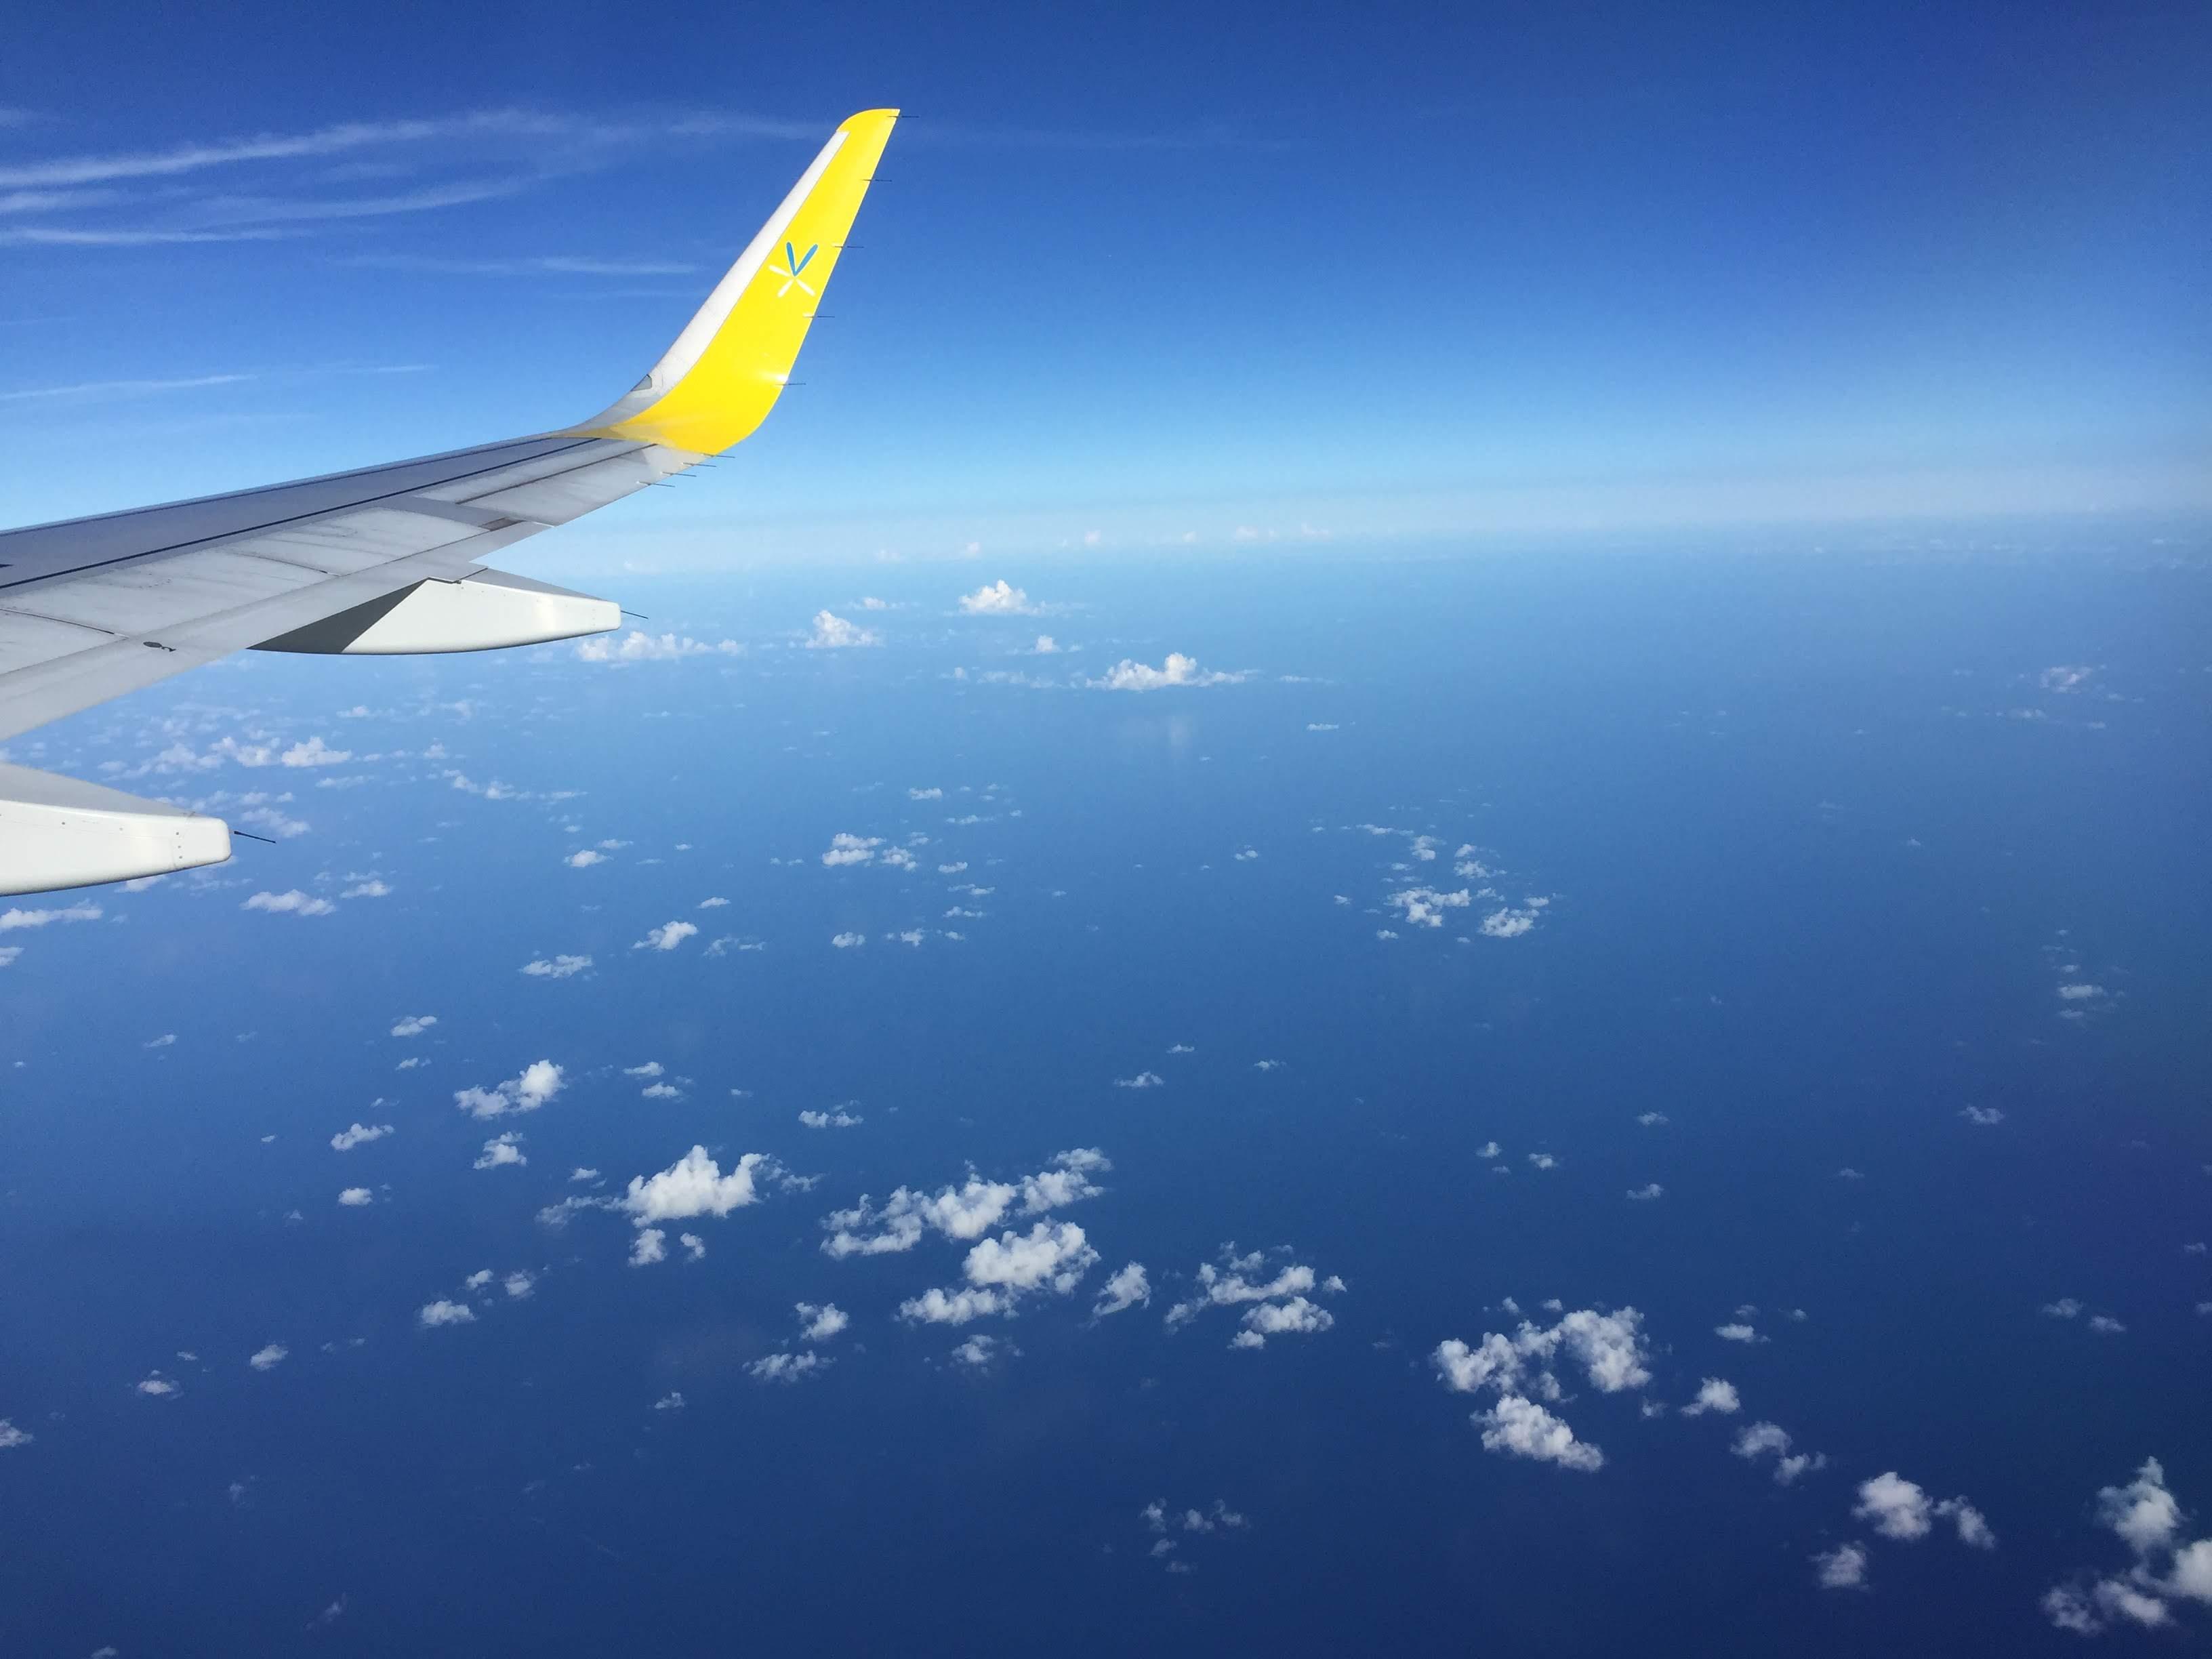 海上を飛ぶ飛行機